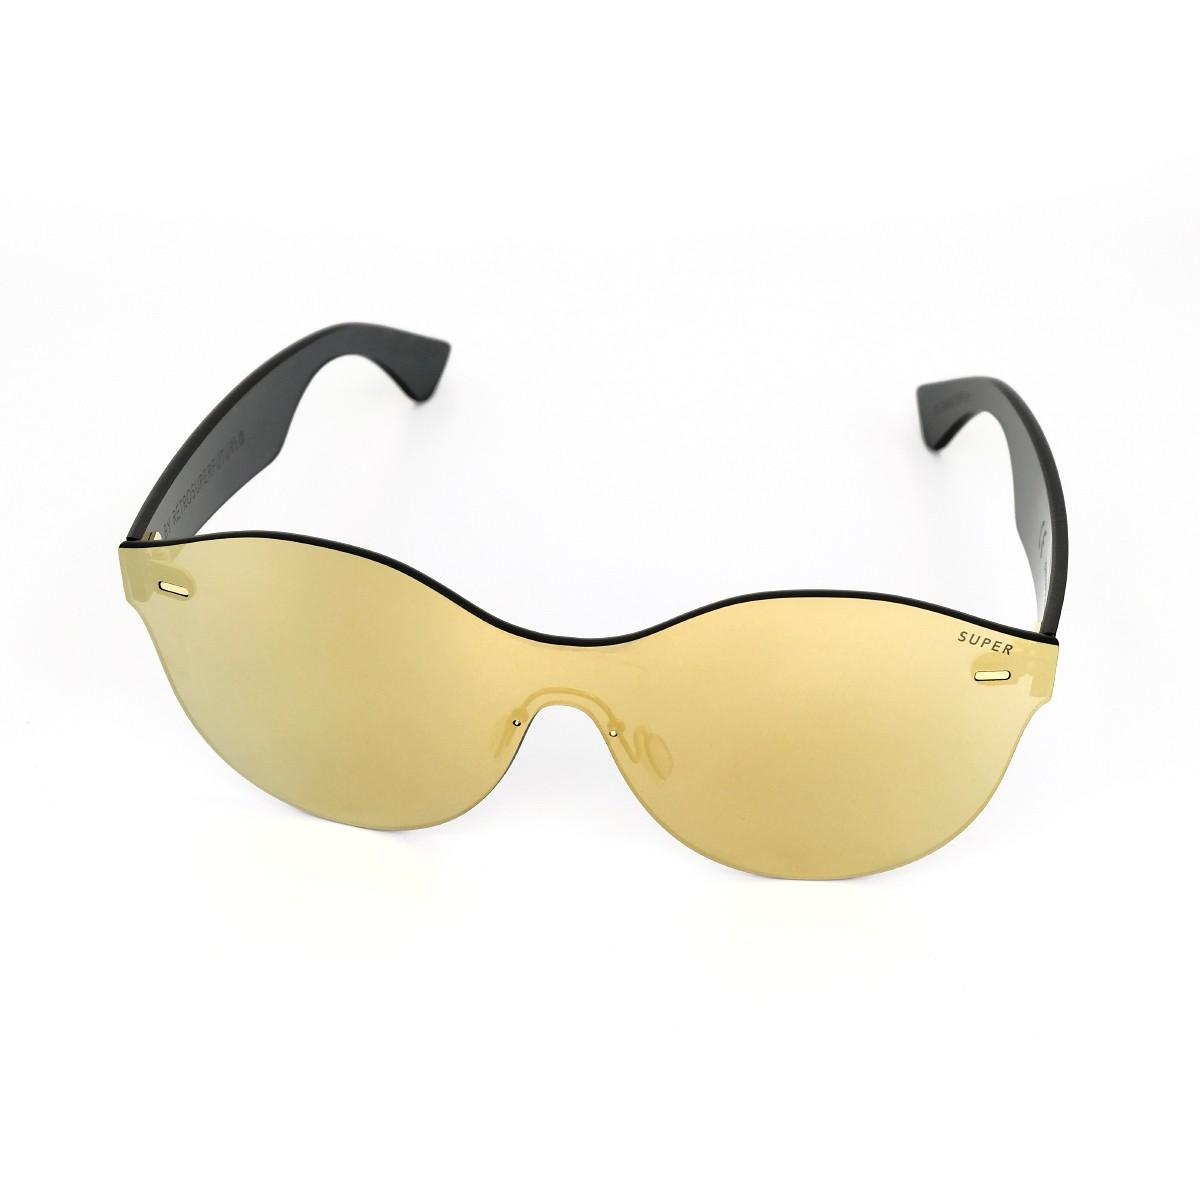 Super Tuttolente Mona Gold, 152,00€, Occhiali Super Oro a forma Mascherina